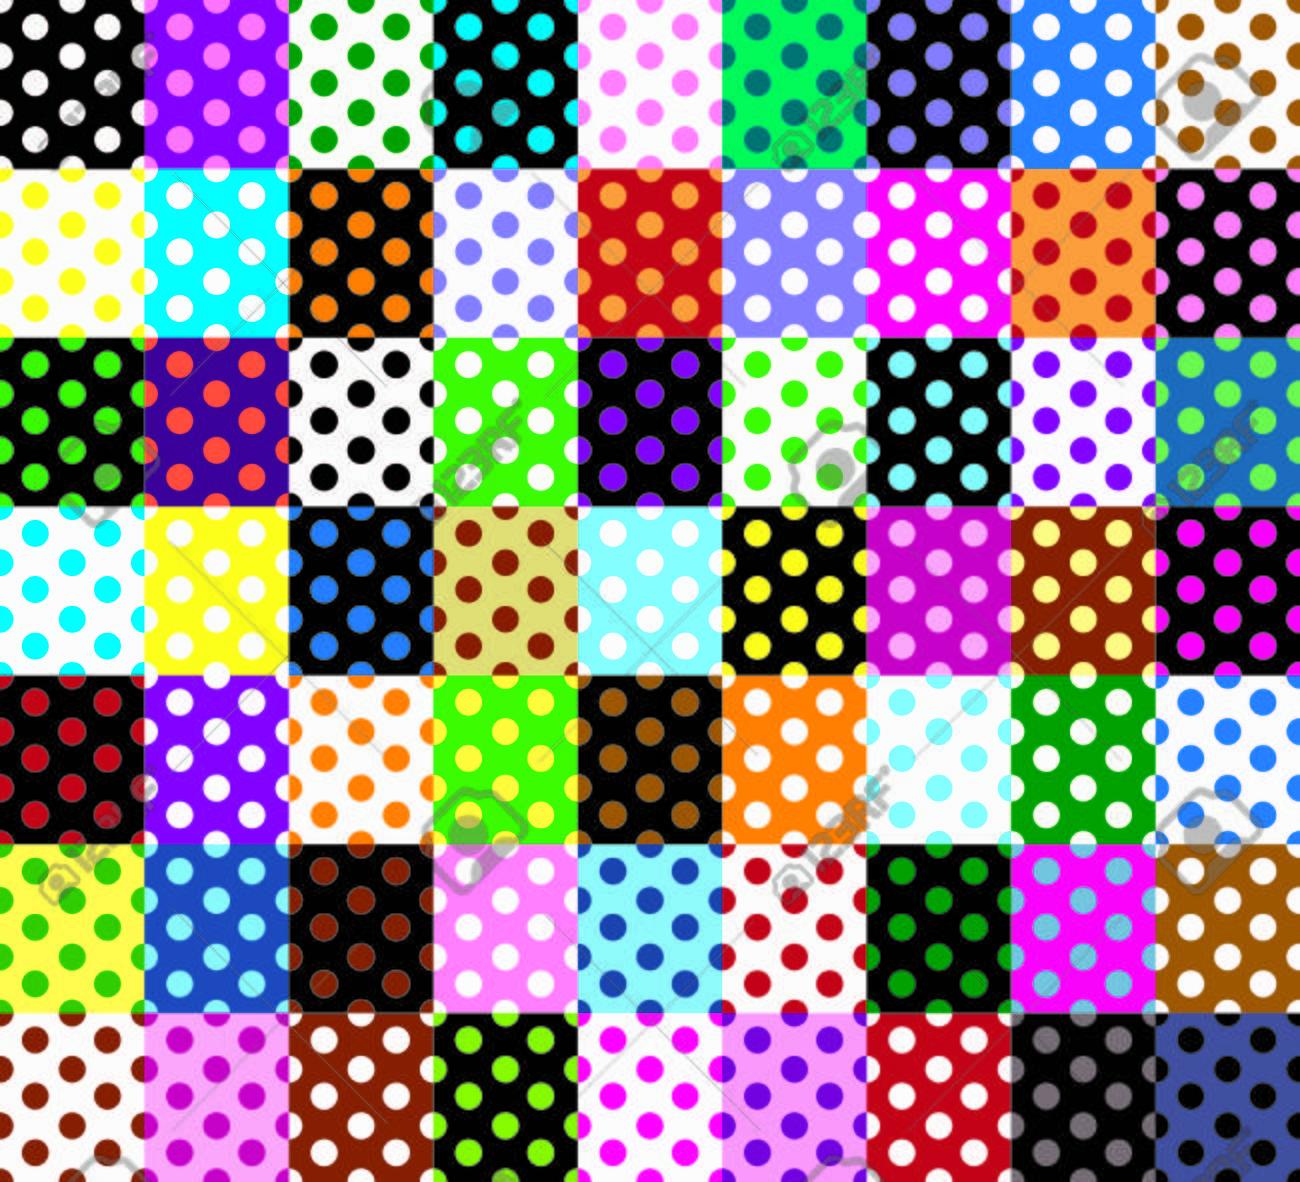 Polka dots, seamless patterns Stock Vector - 25255366